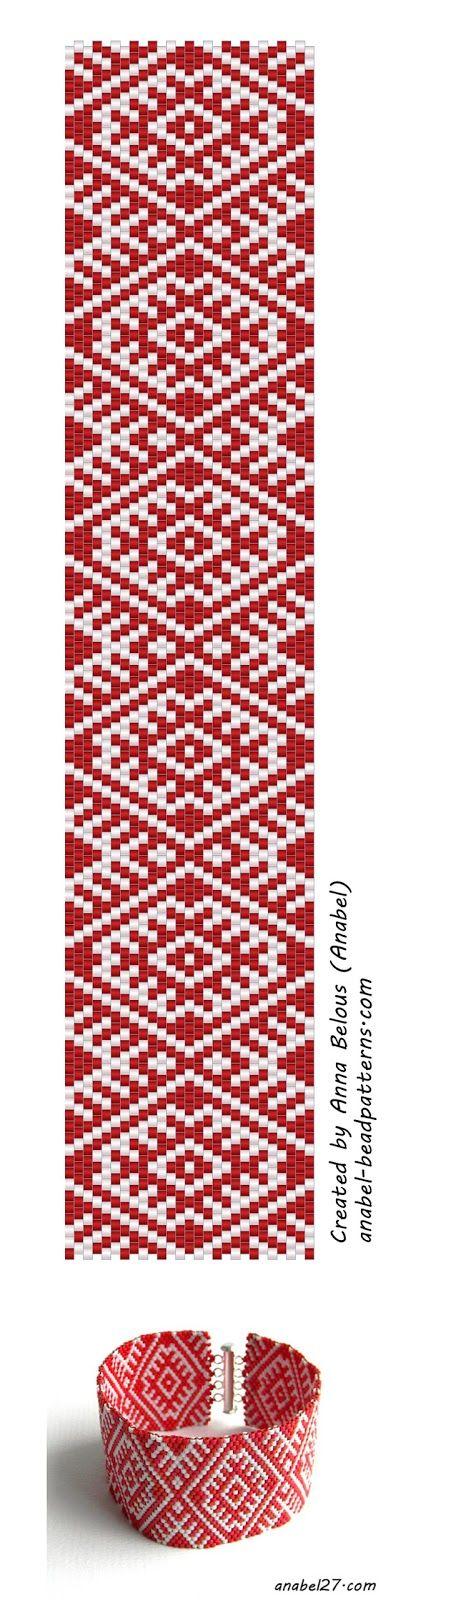 Схема к браслету репейник мозаичное